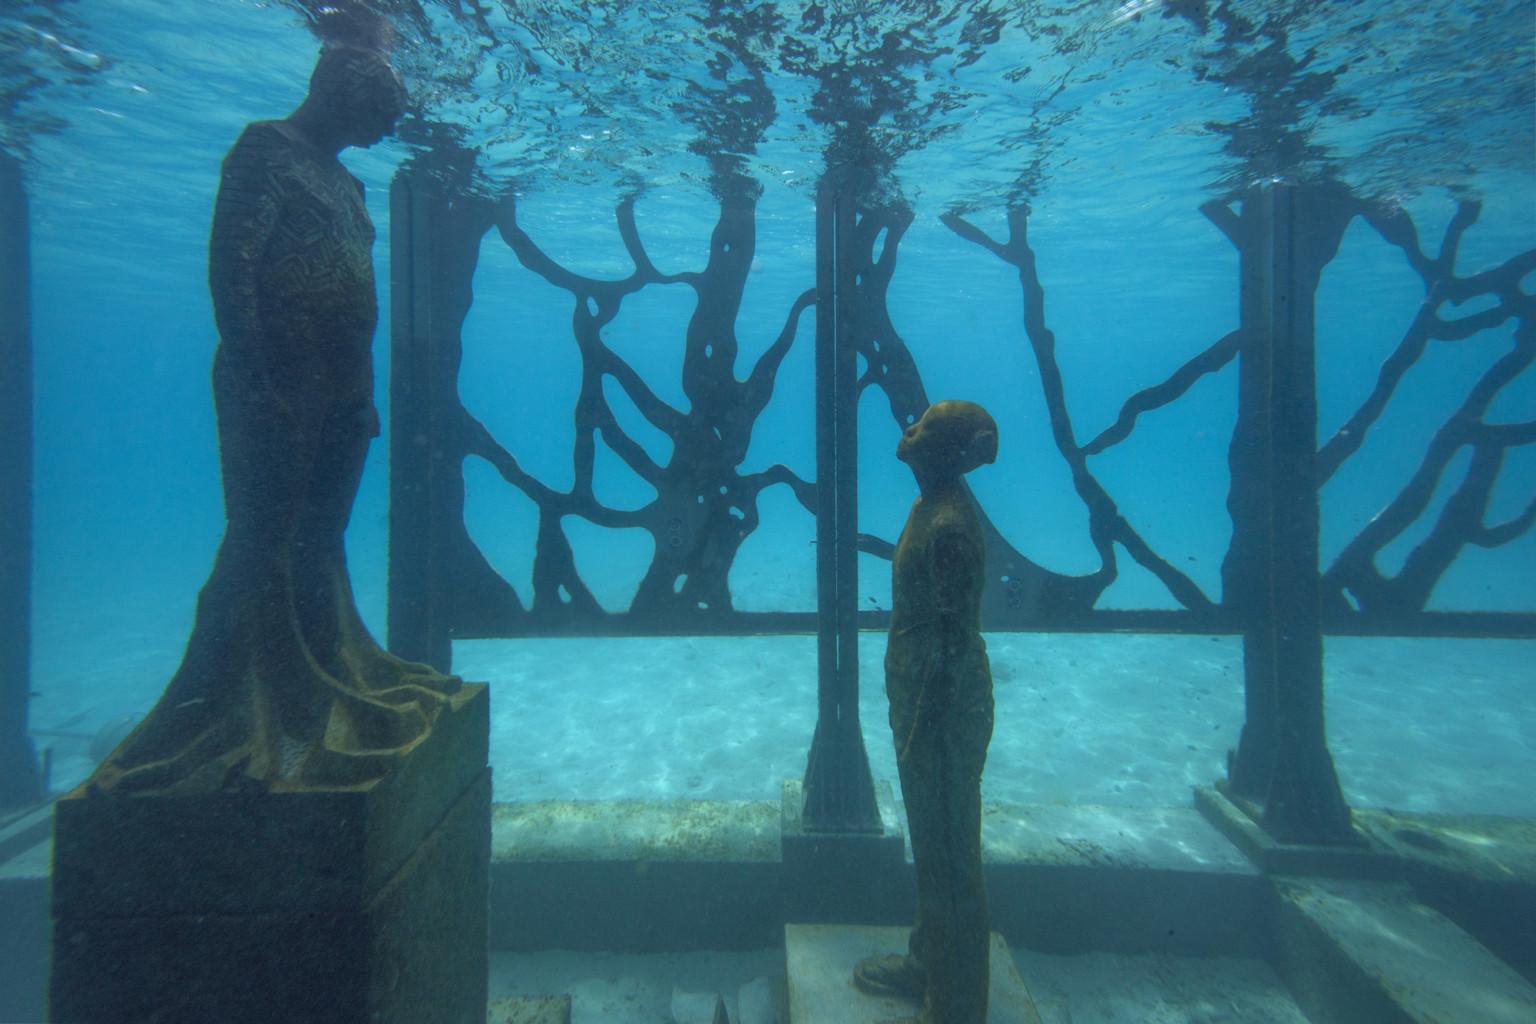 coralarium-2-768x512@2x